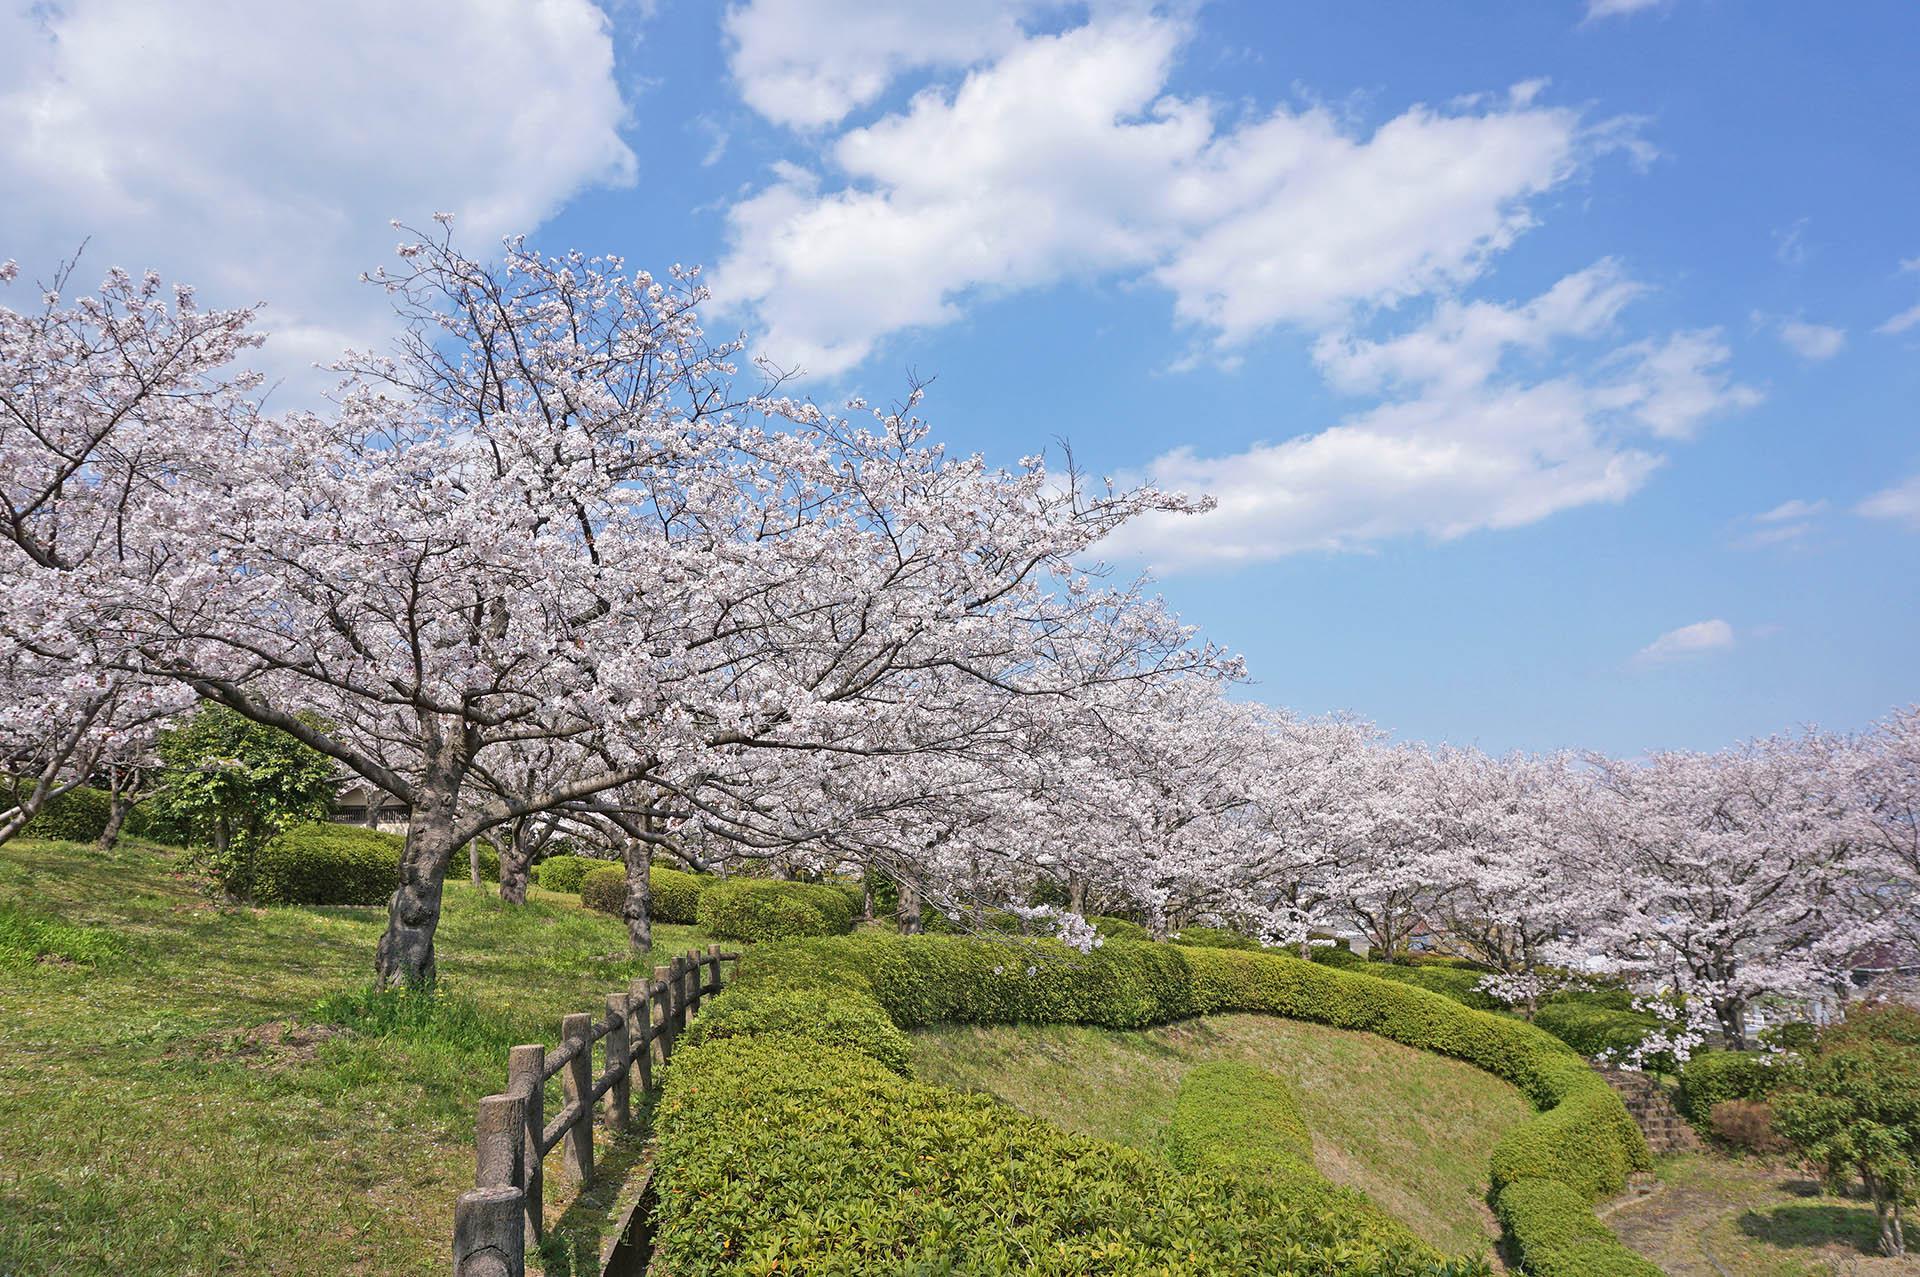 臥竜ヶ岡公園の桜